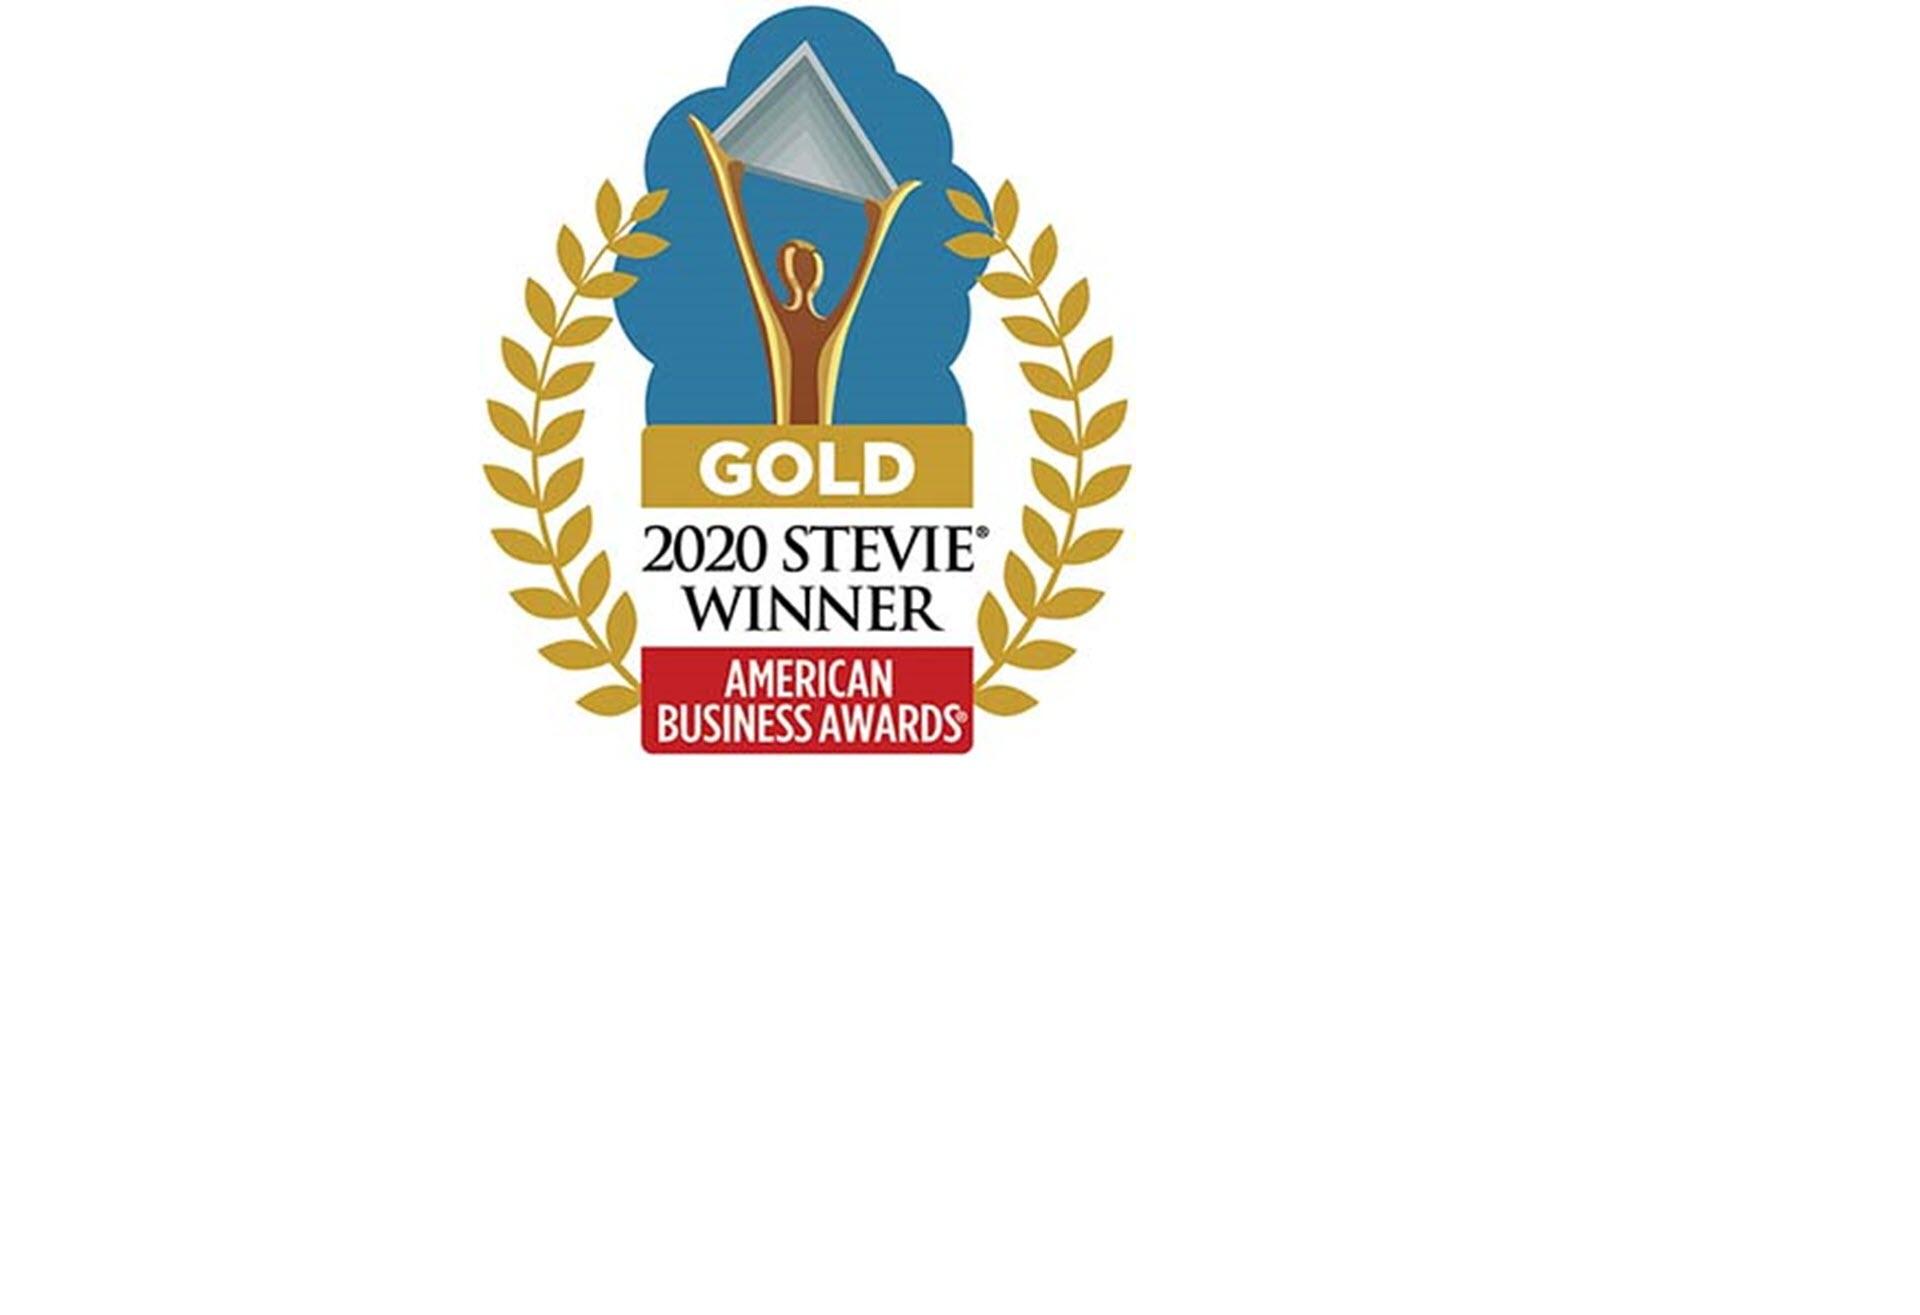 ABA Gold Winner 2020